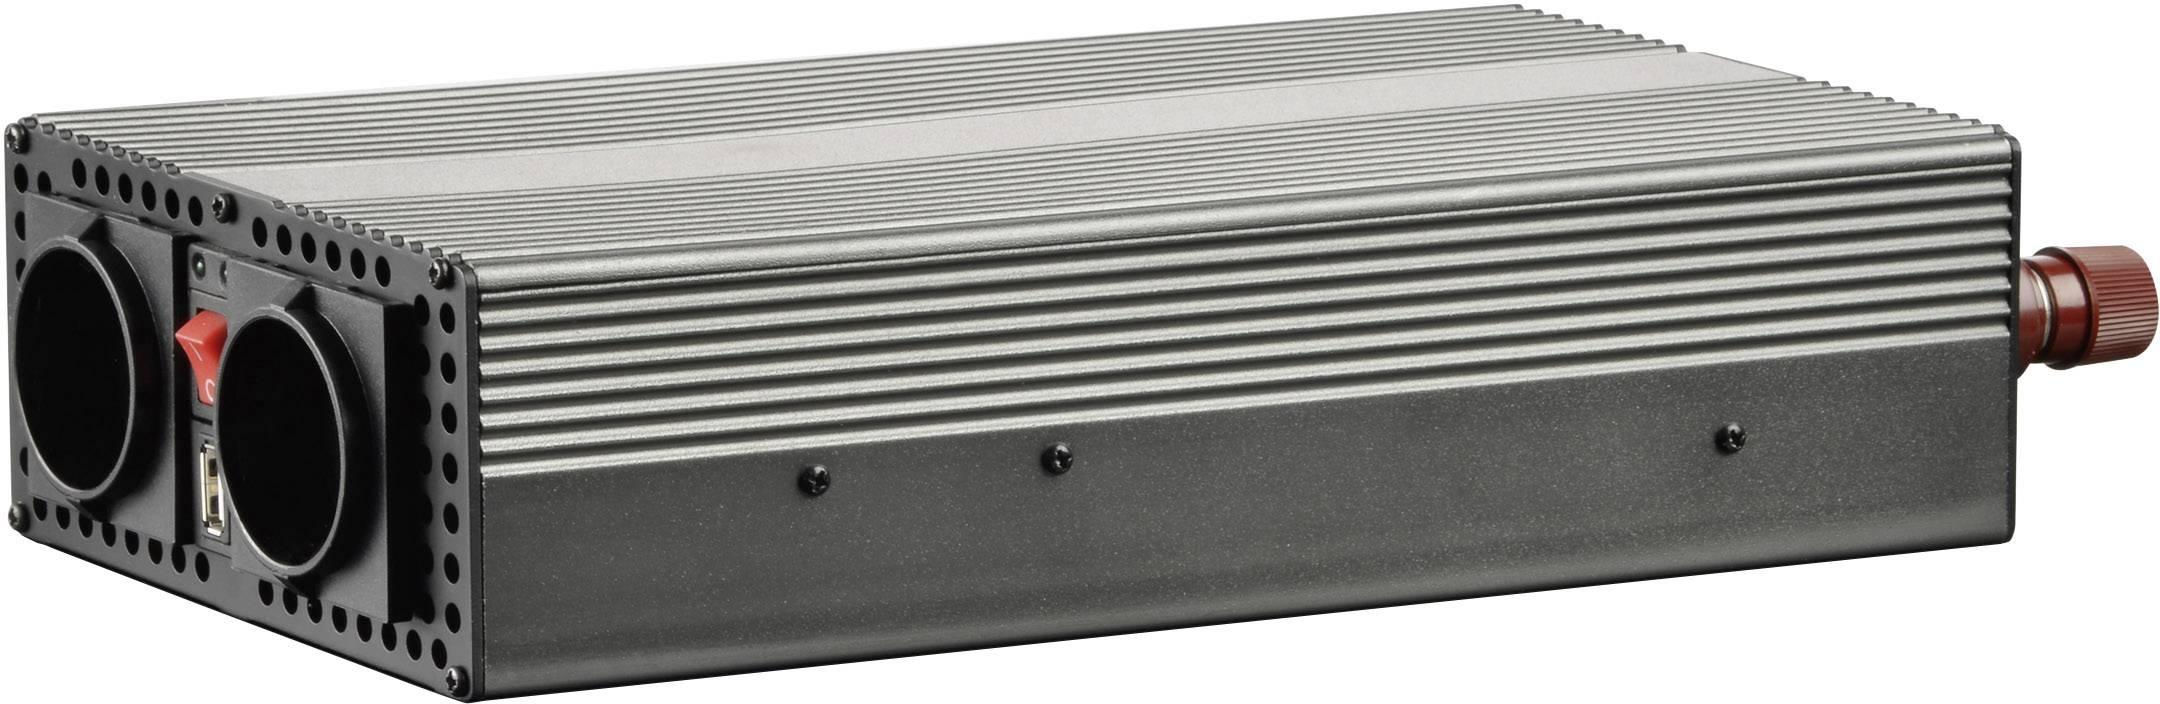 Měnič napětí Voltcraft MSW 1200-24-F, USB, CZ zásuvka